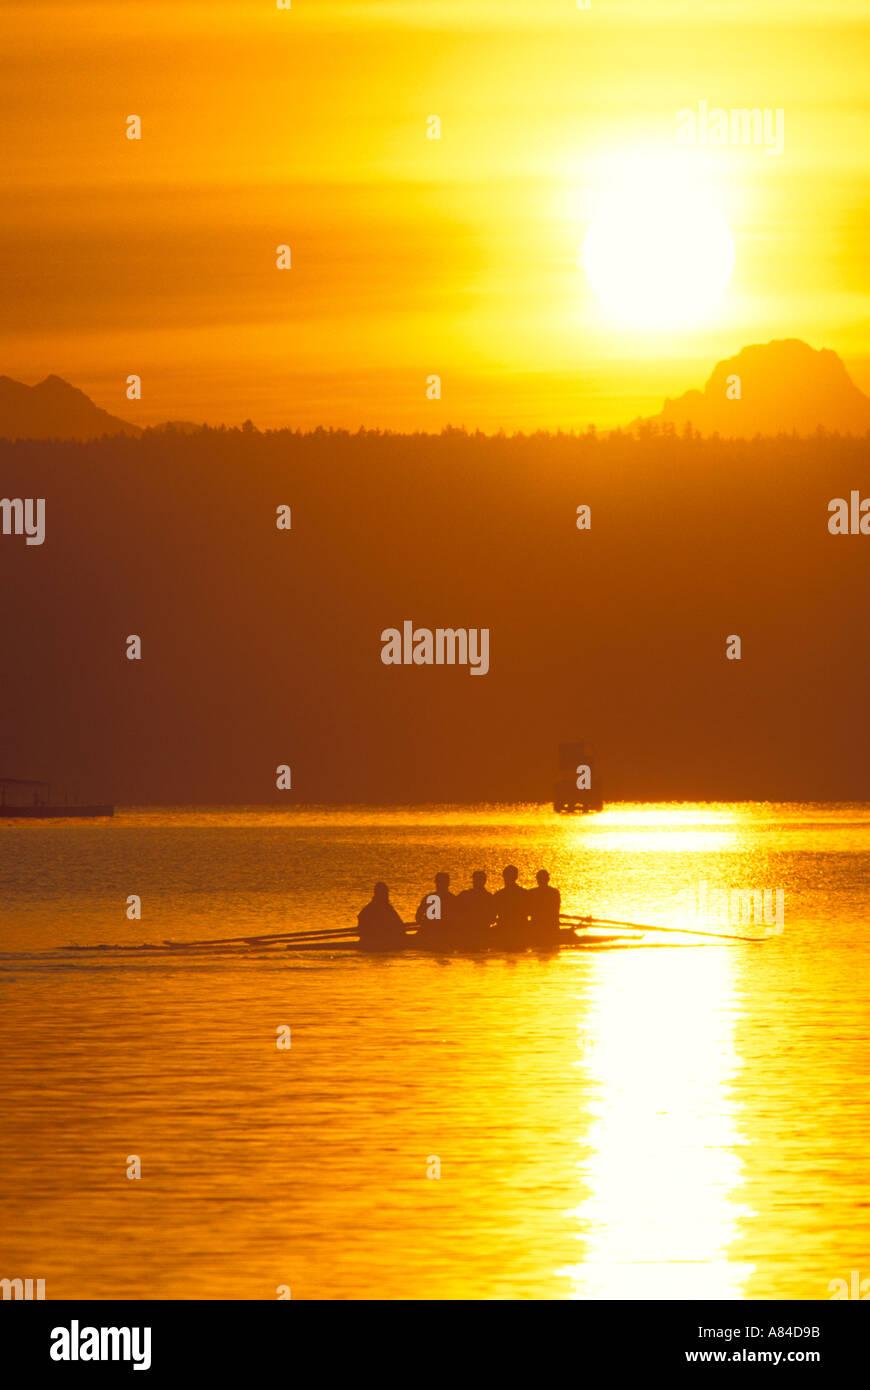 Crew rowing into sunrise on Lake Washington Washington - Stock Image